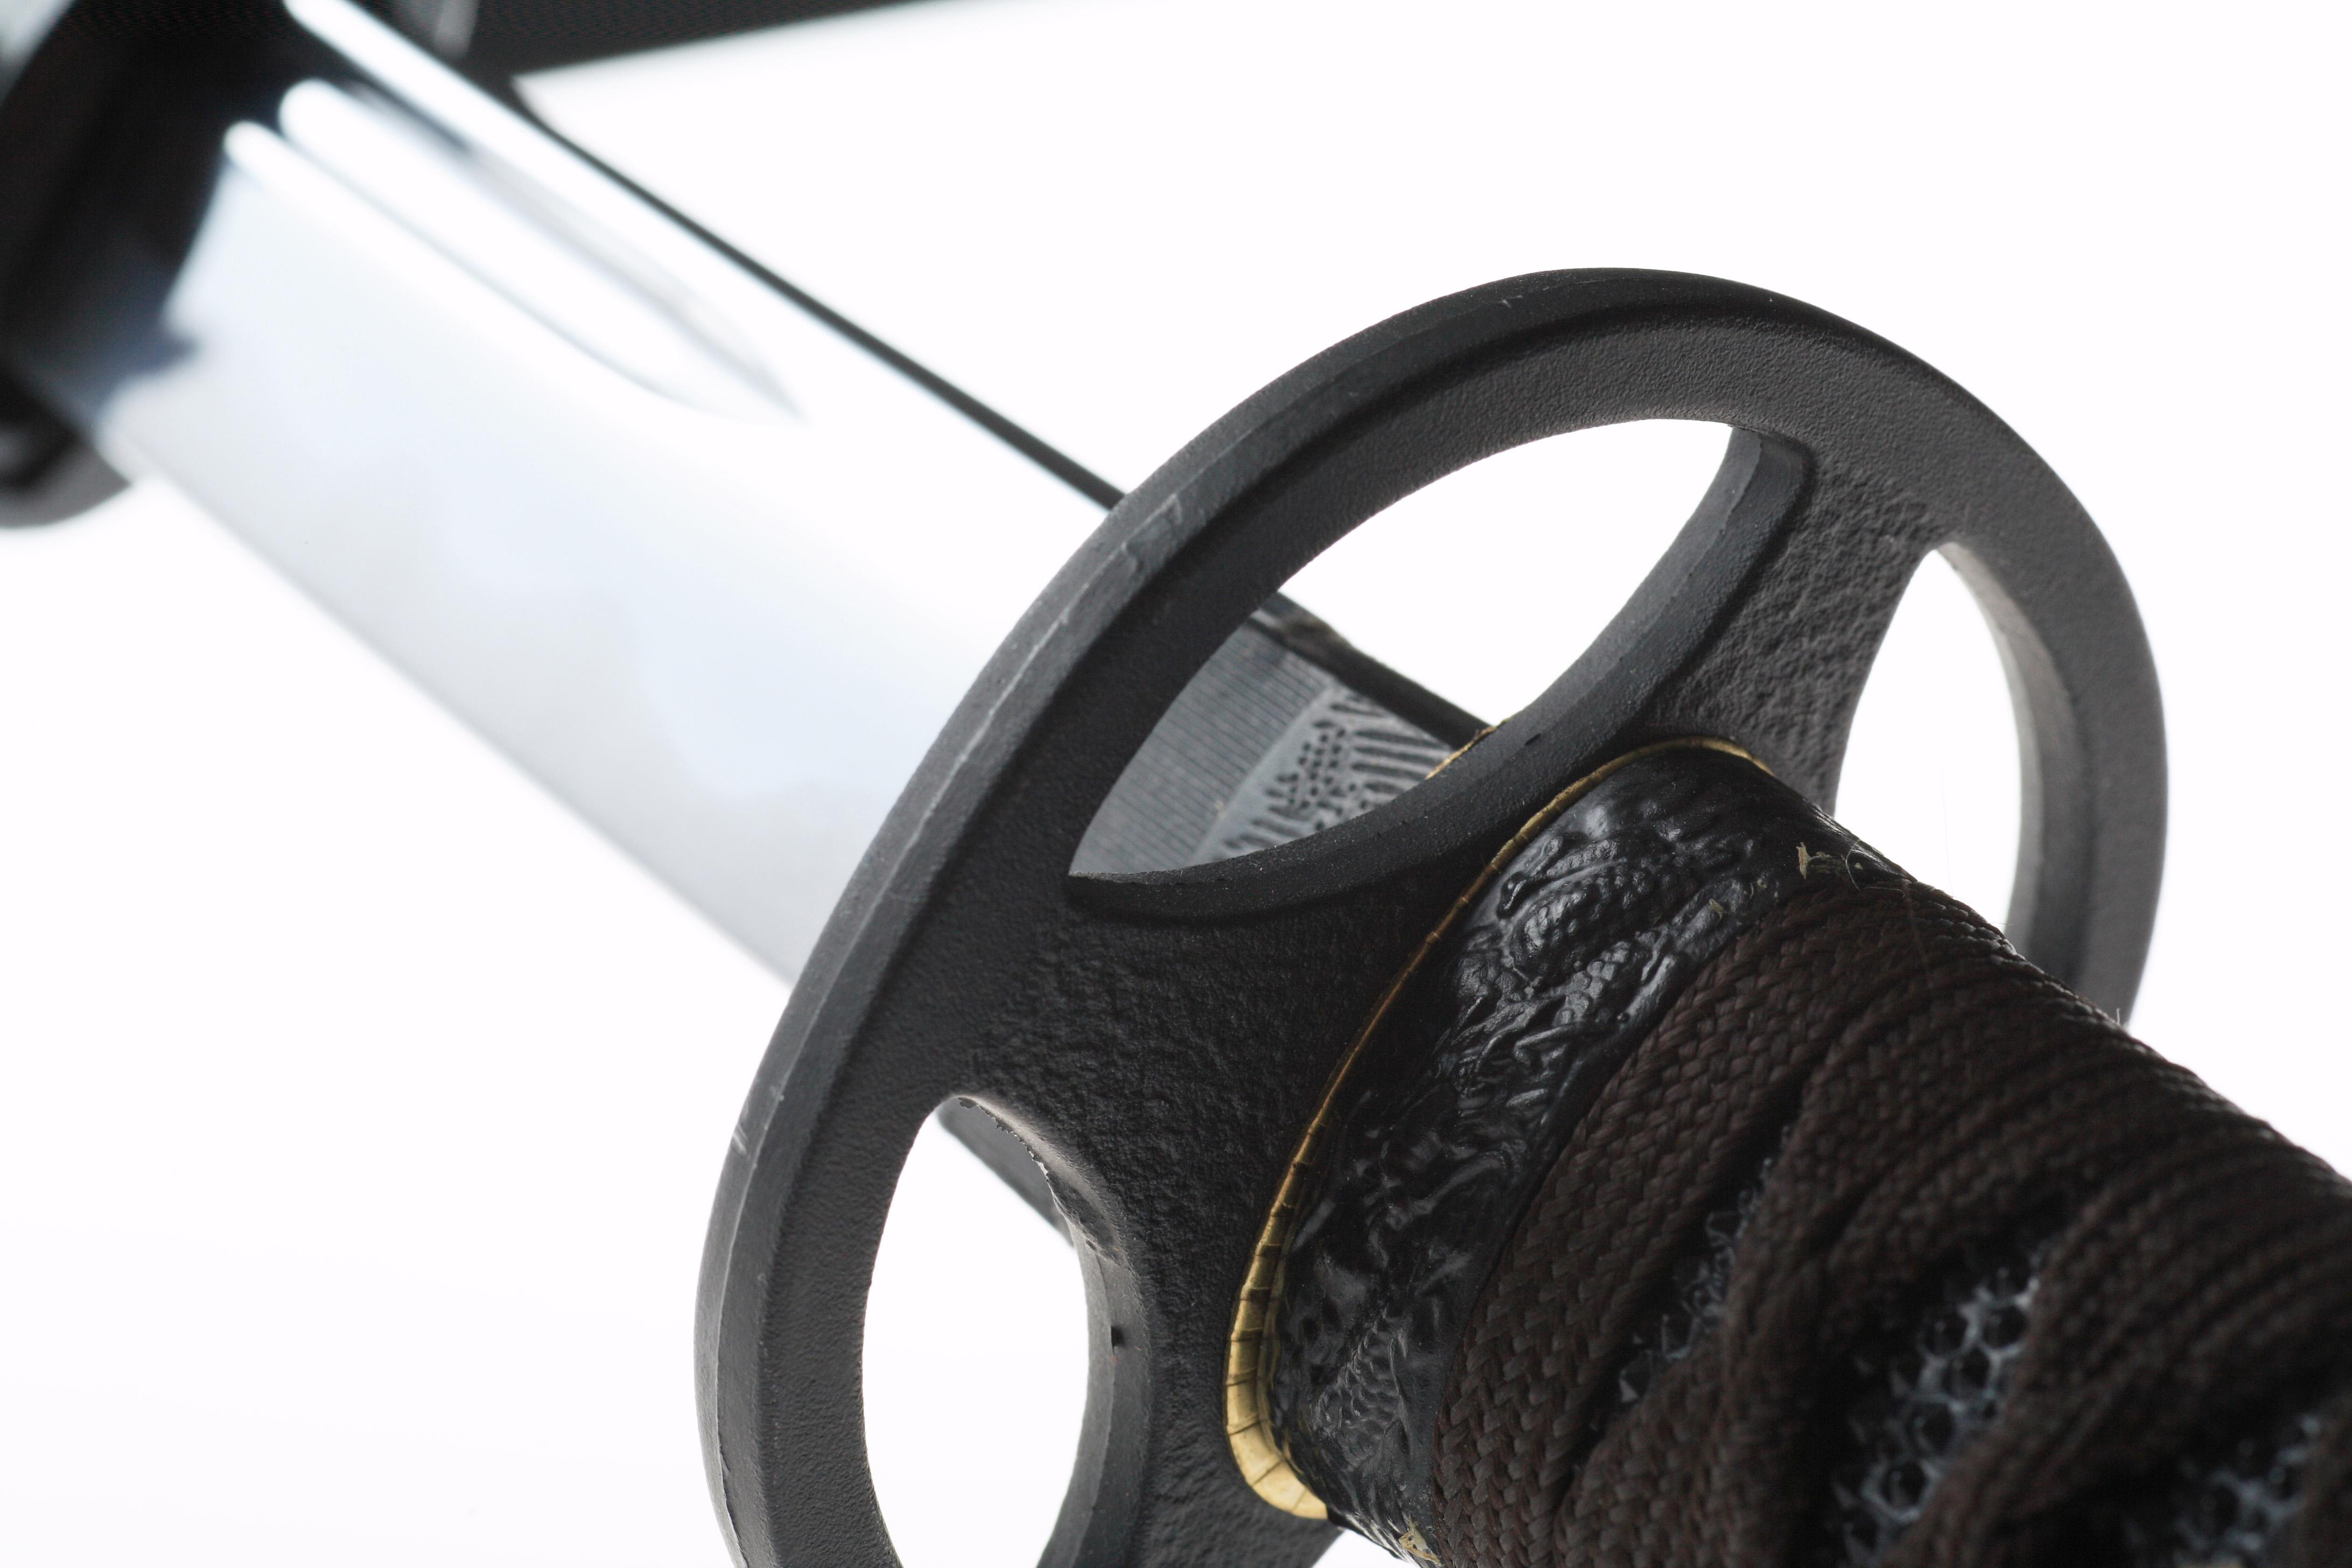 ※鍔(つば)は、刃と柄の間にある、丸い部分です。